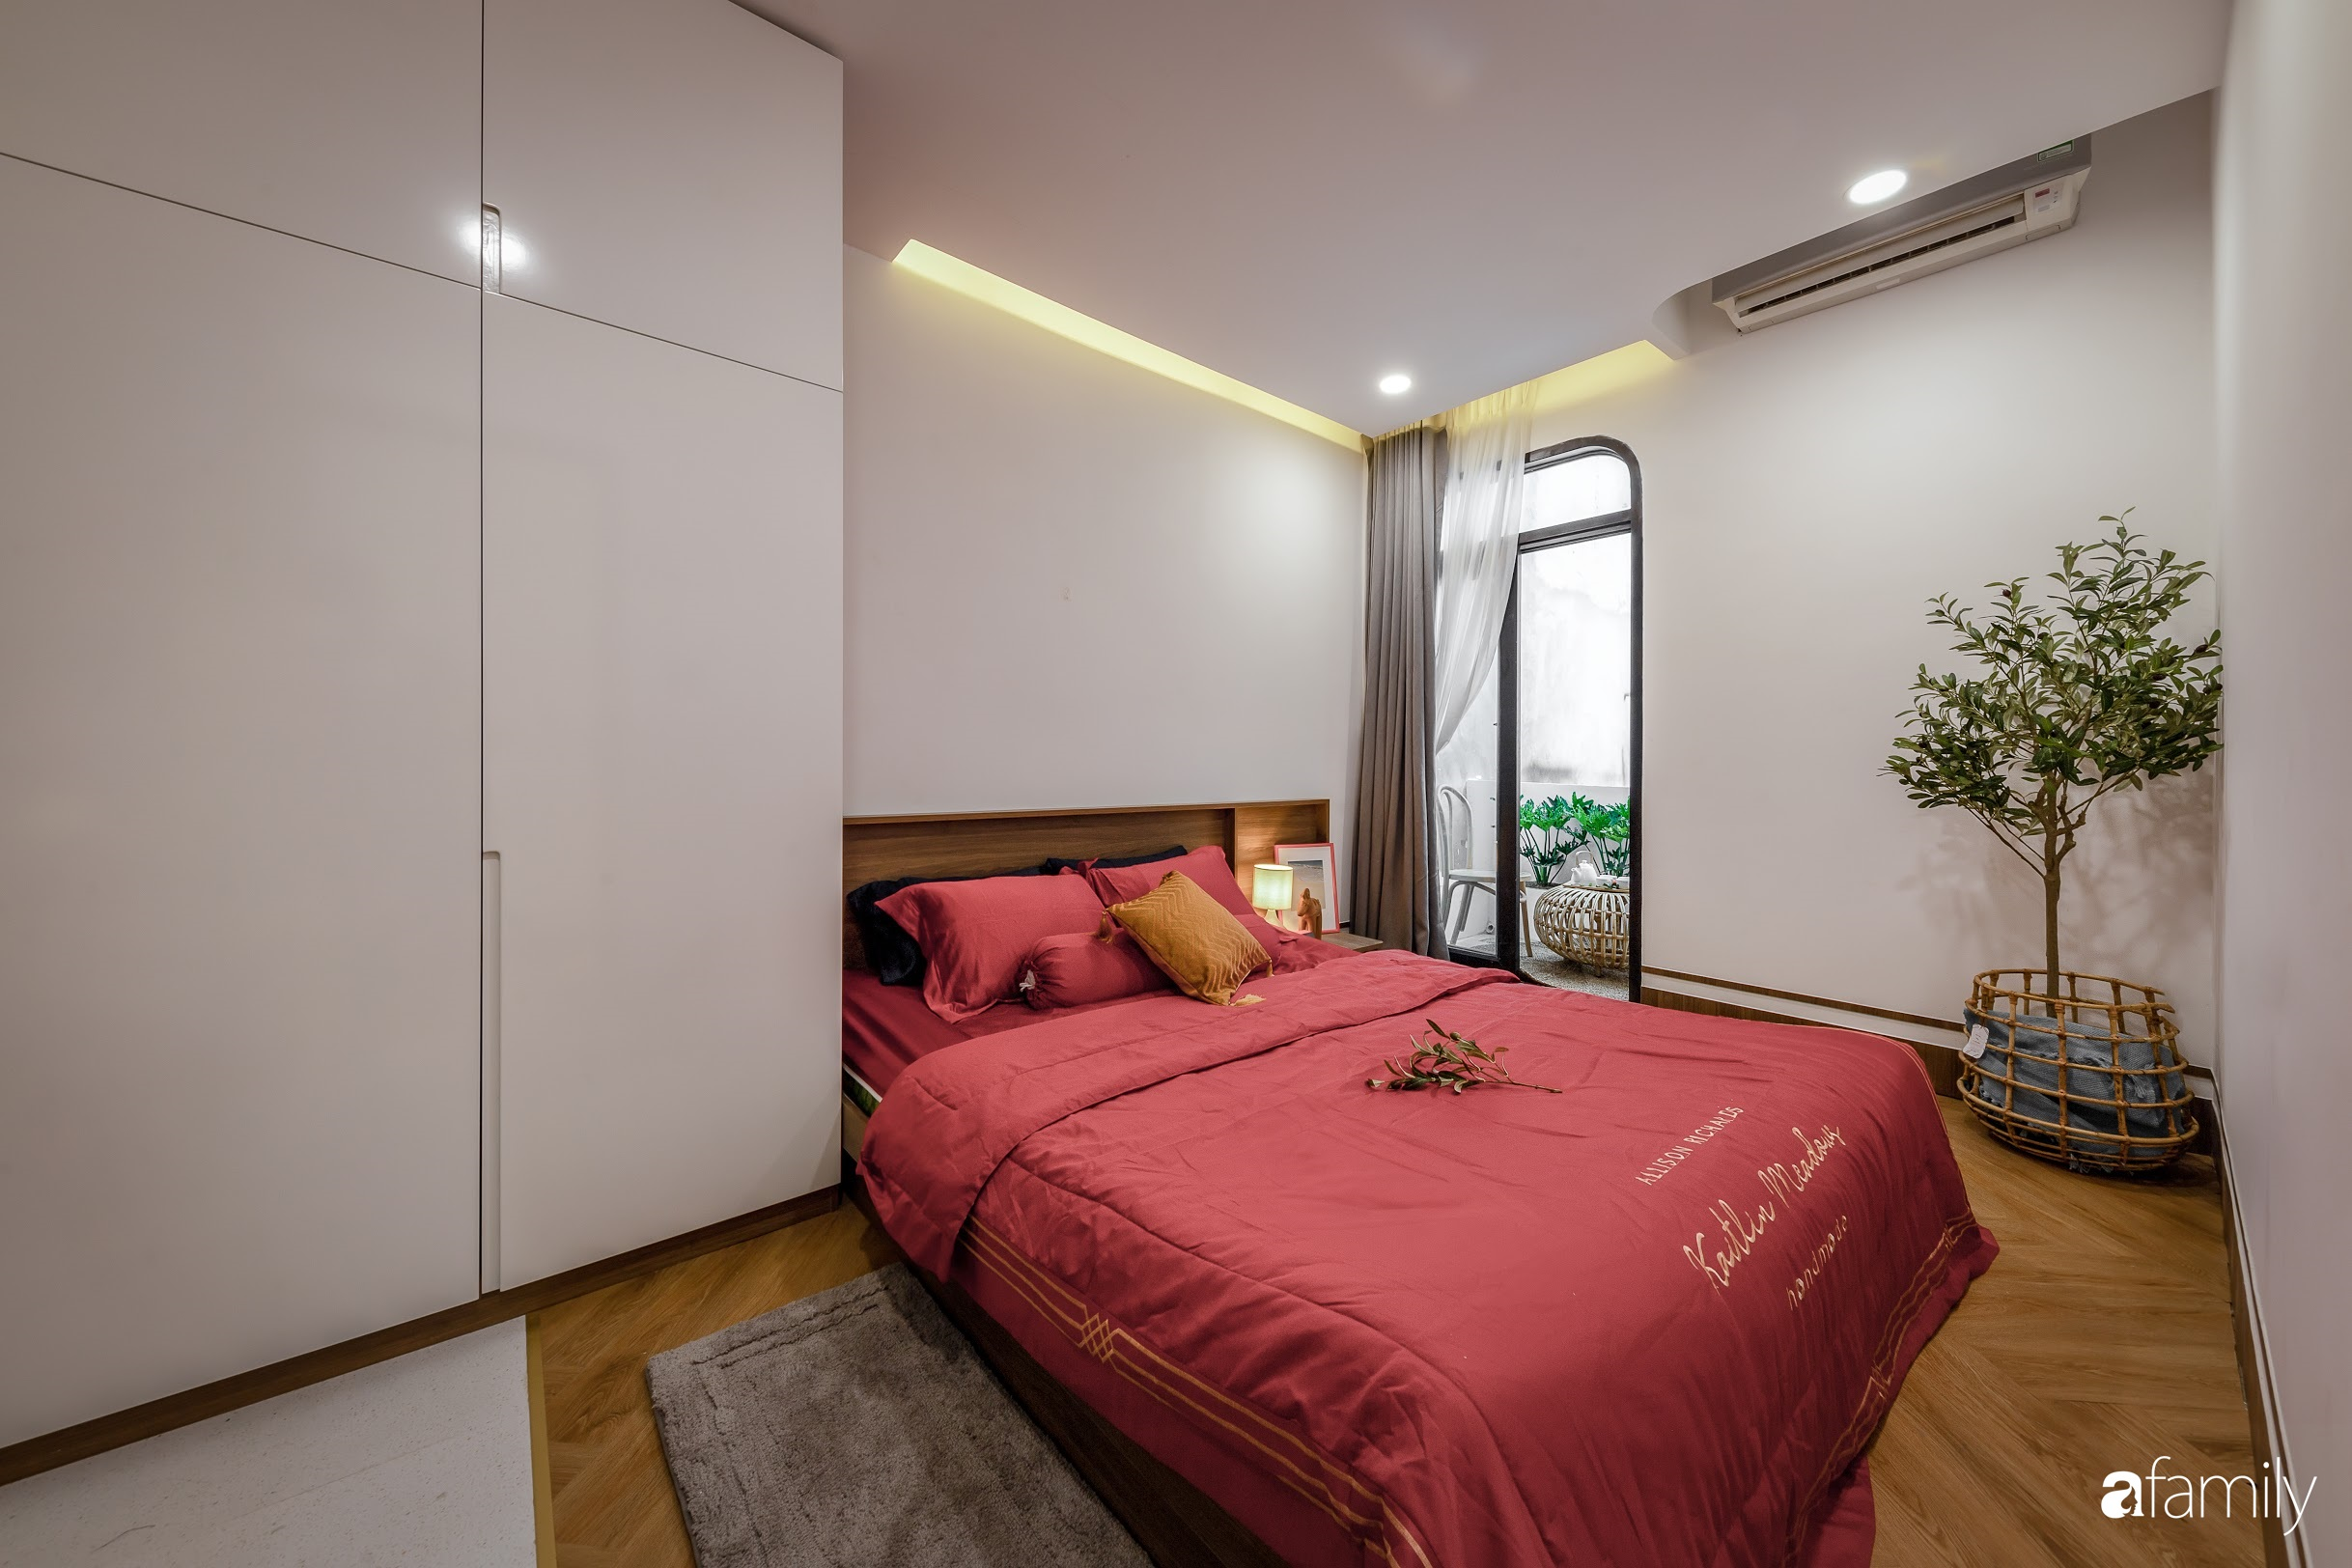 Nhà phố Tiền Giang đẹp hài hòa với thiết kế hiện đại, bố trí nội thất thông minh với chi phí 1,8 tỉ đồng - Ảnh 10.